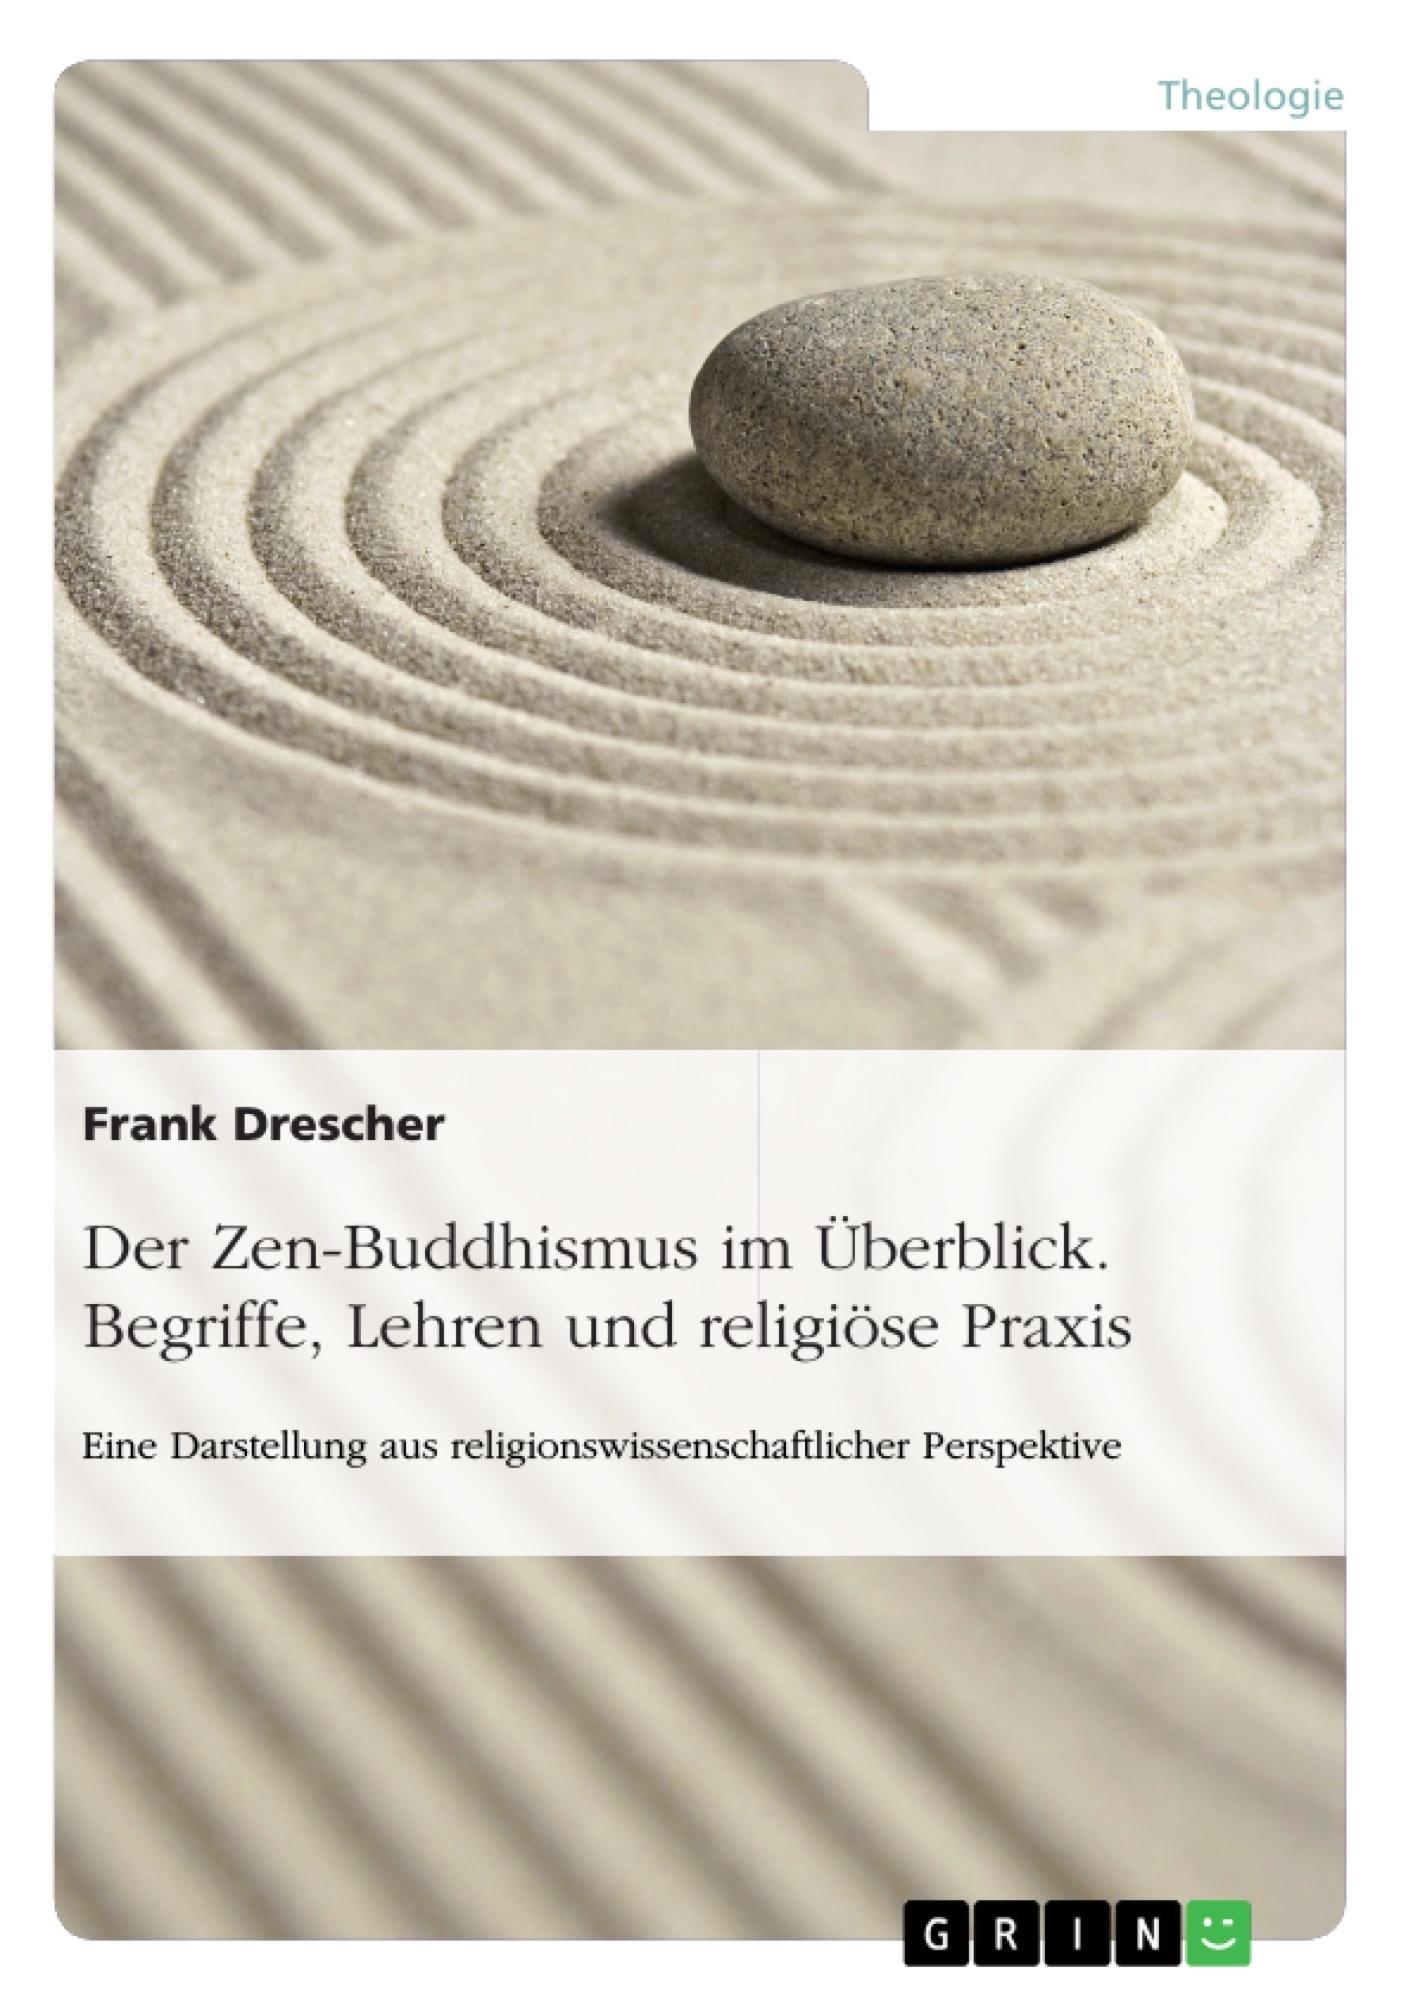 Titel: Der Zen-Buddhismus im Überblick. Begriffe, Lehren und religiöse Praxis